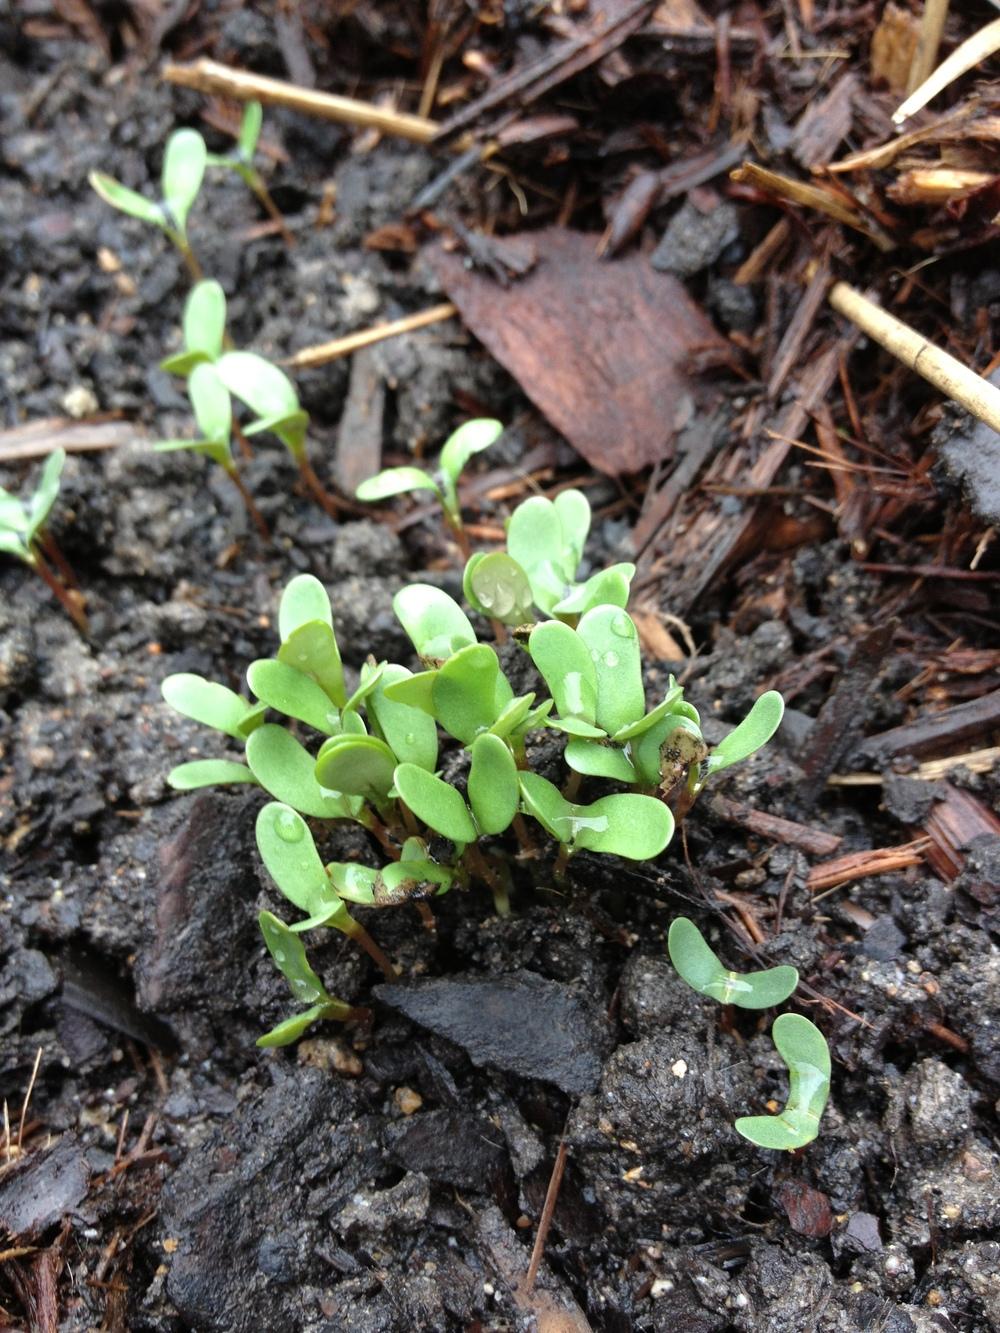 Seedlings Emerge